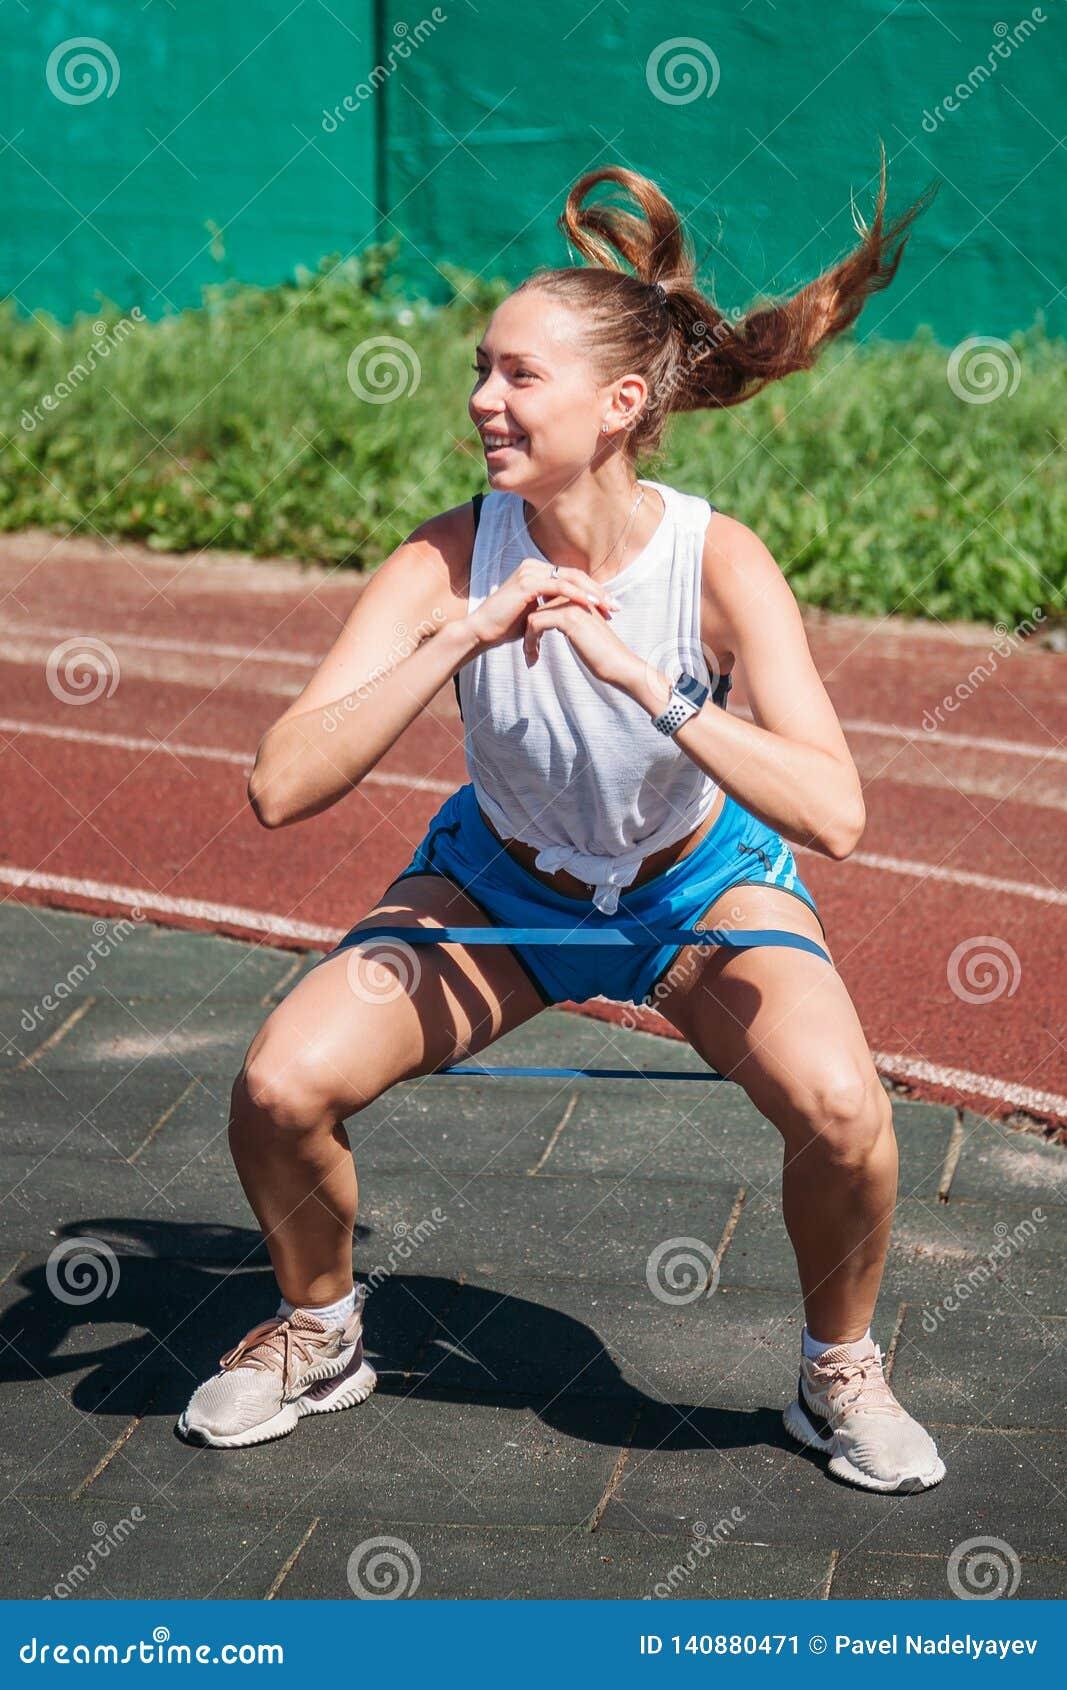 Молодая женщина выполняет тренировки высокого прыжка с эластичной резиновой лентой фитнеса на ее ногах на земле спорт